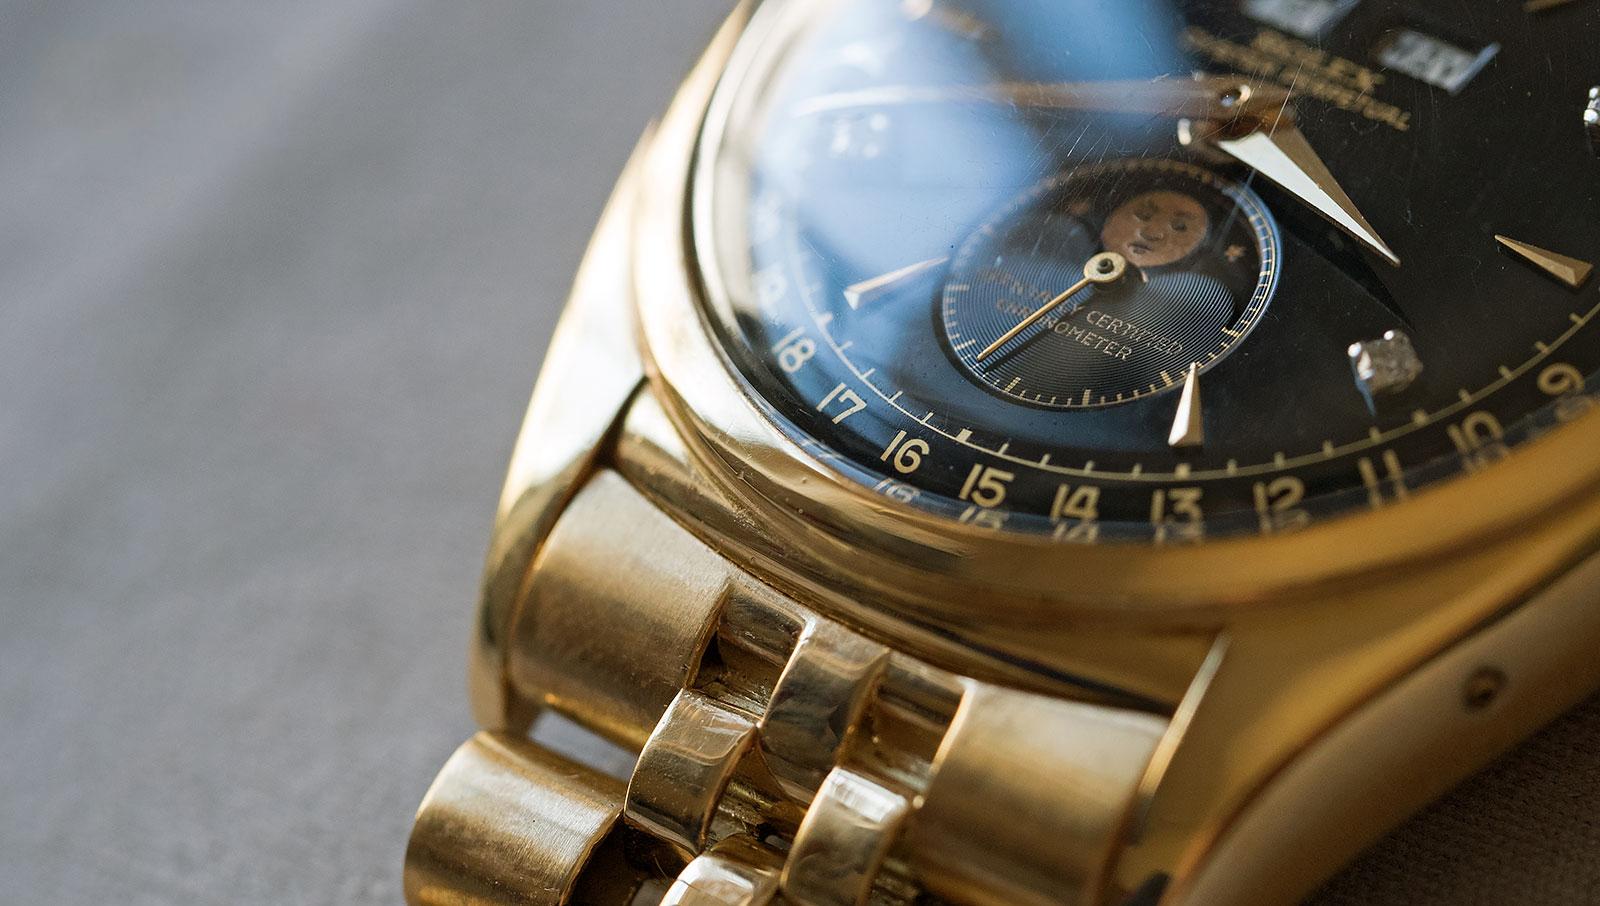 Đồng hồ Rolex bằng vàng có đặc điểm gì?-1